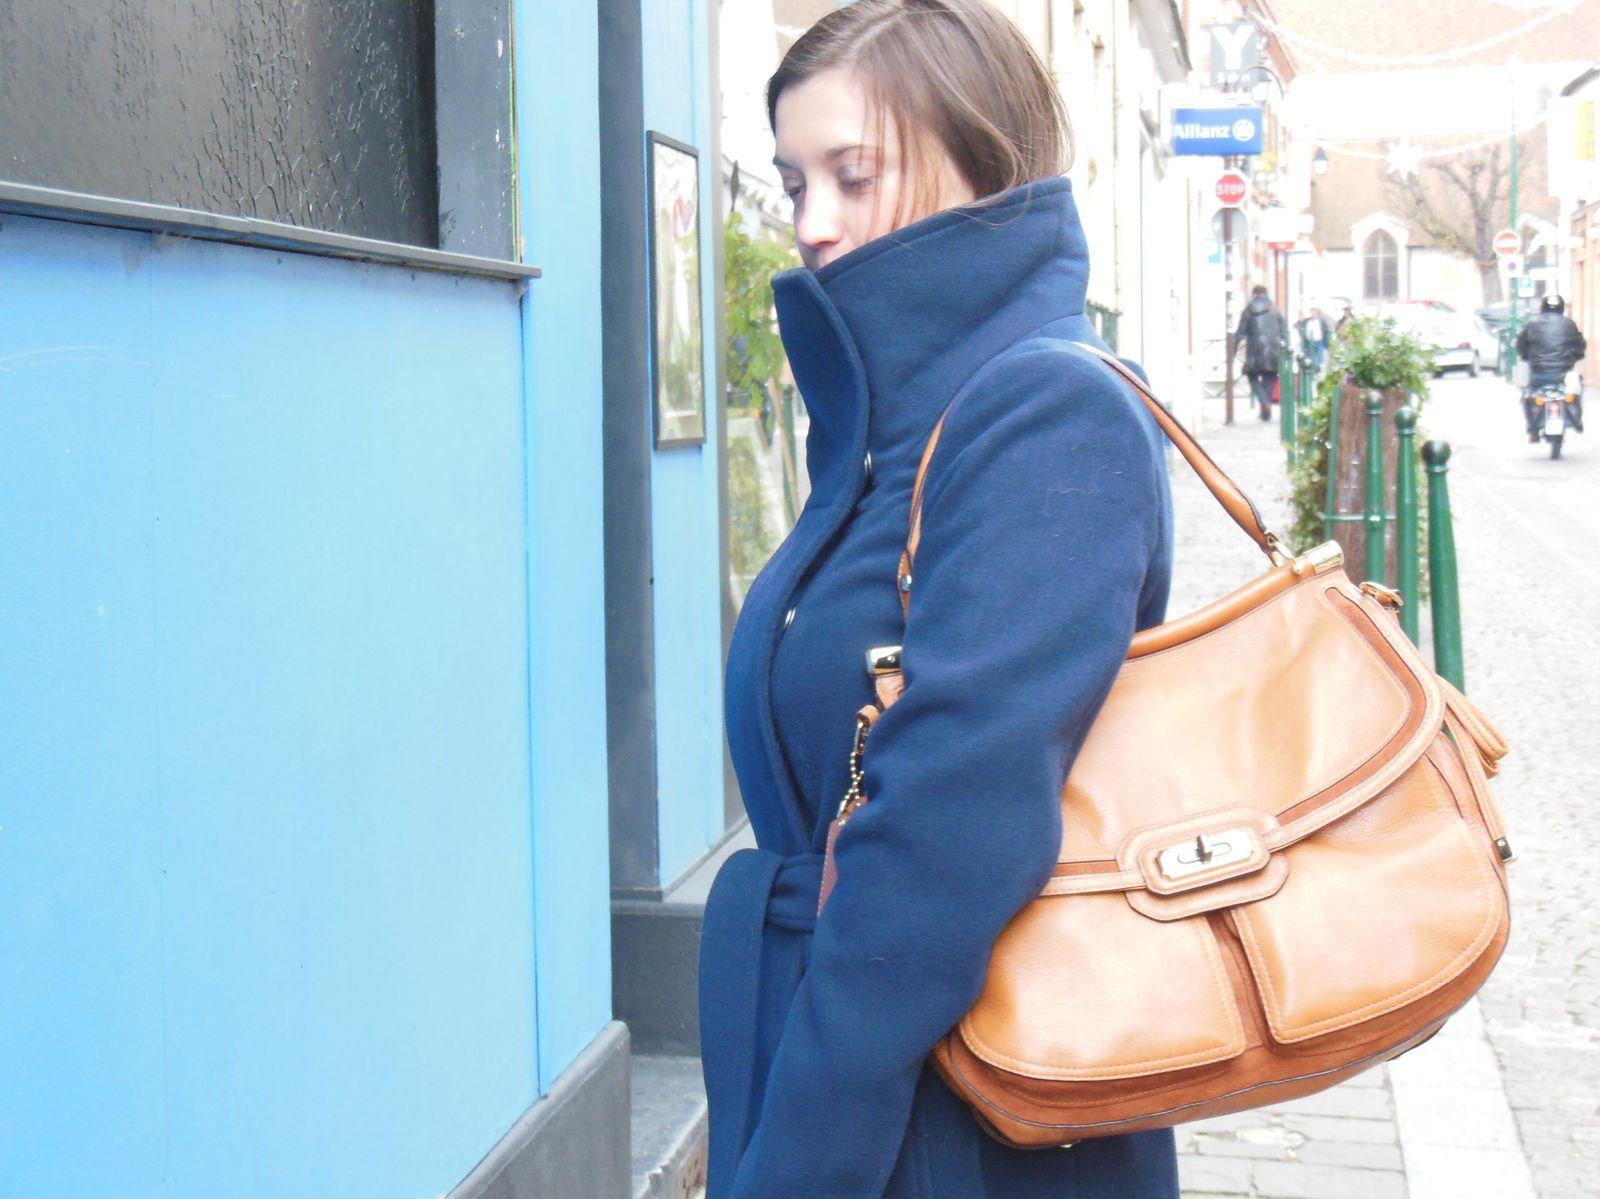 Manteau - Esprit // Col roulé en cachemire - Des Petits Hauts // Jeans - H&M // Bottines - Zara // Chelsea Bag - Coach